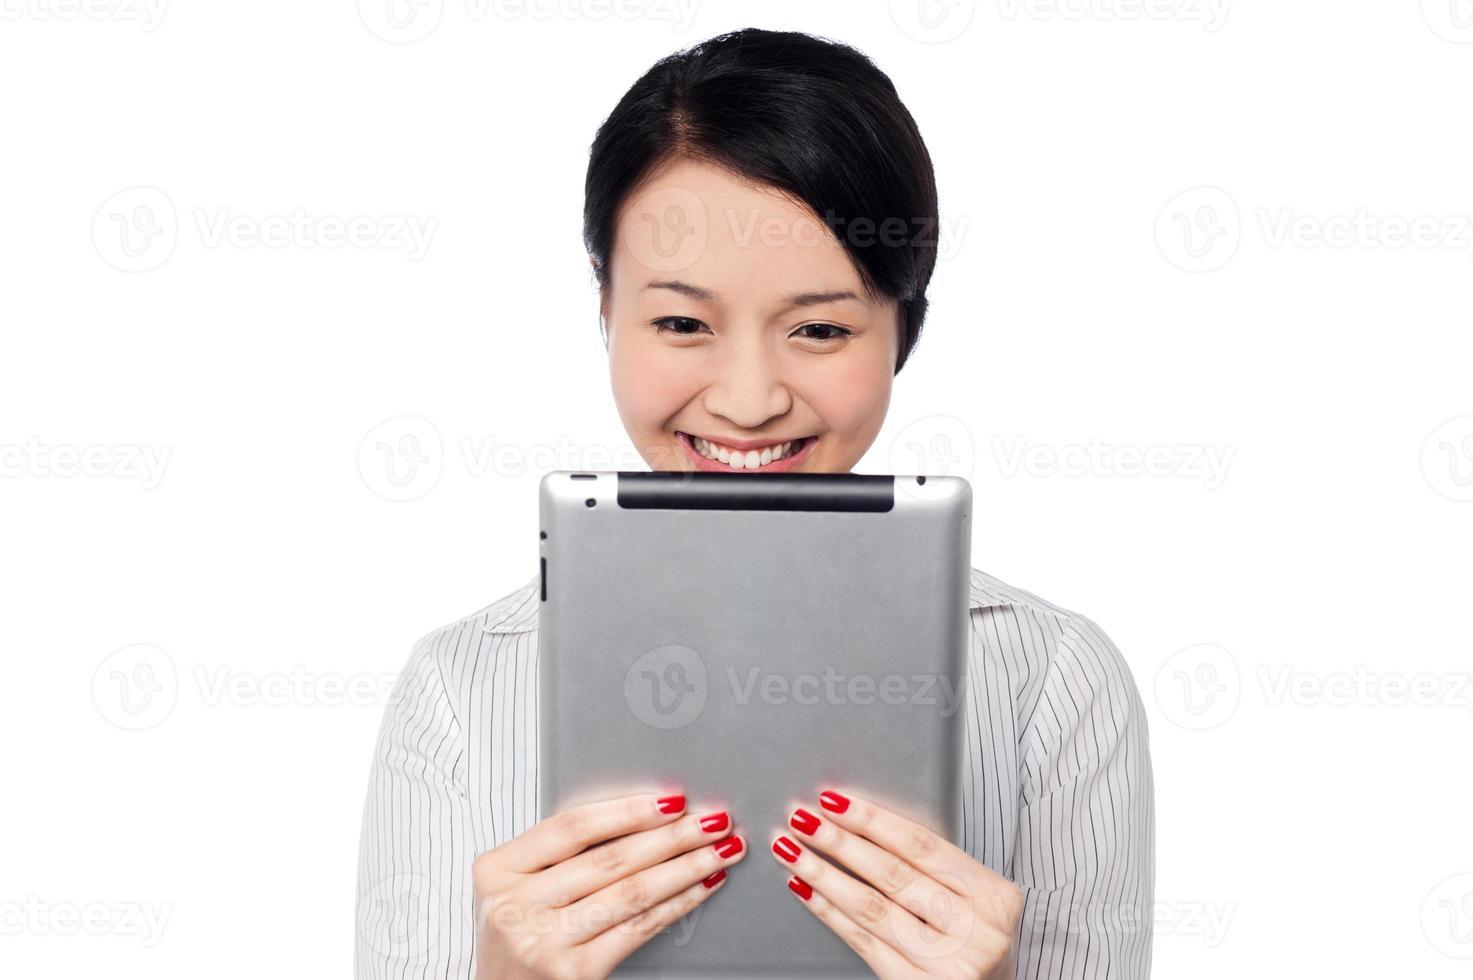 schüchterne hübsche korporative Dame, die Tablet-Gerät hält foto